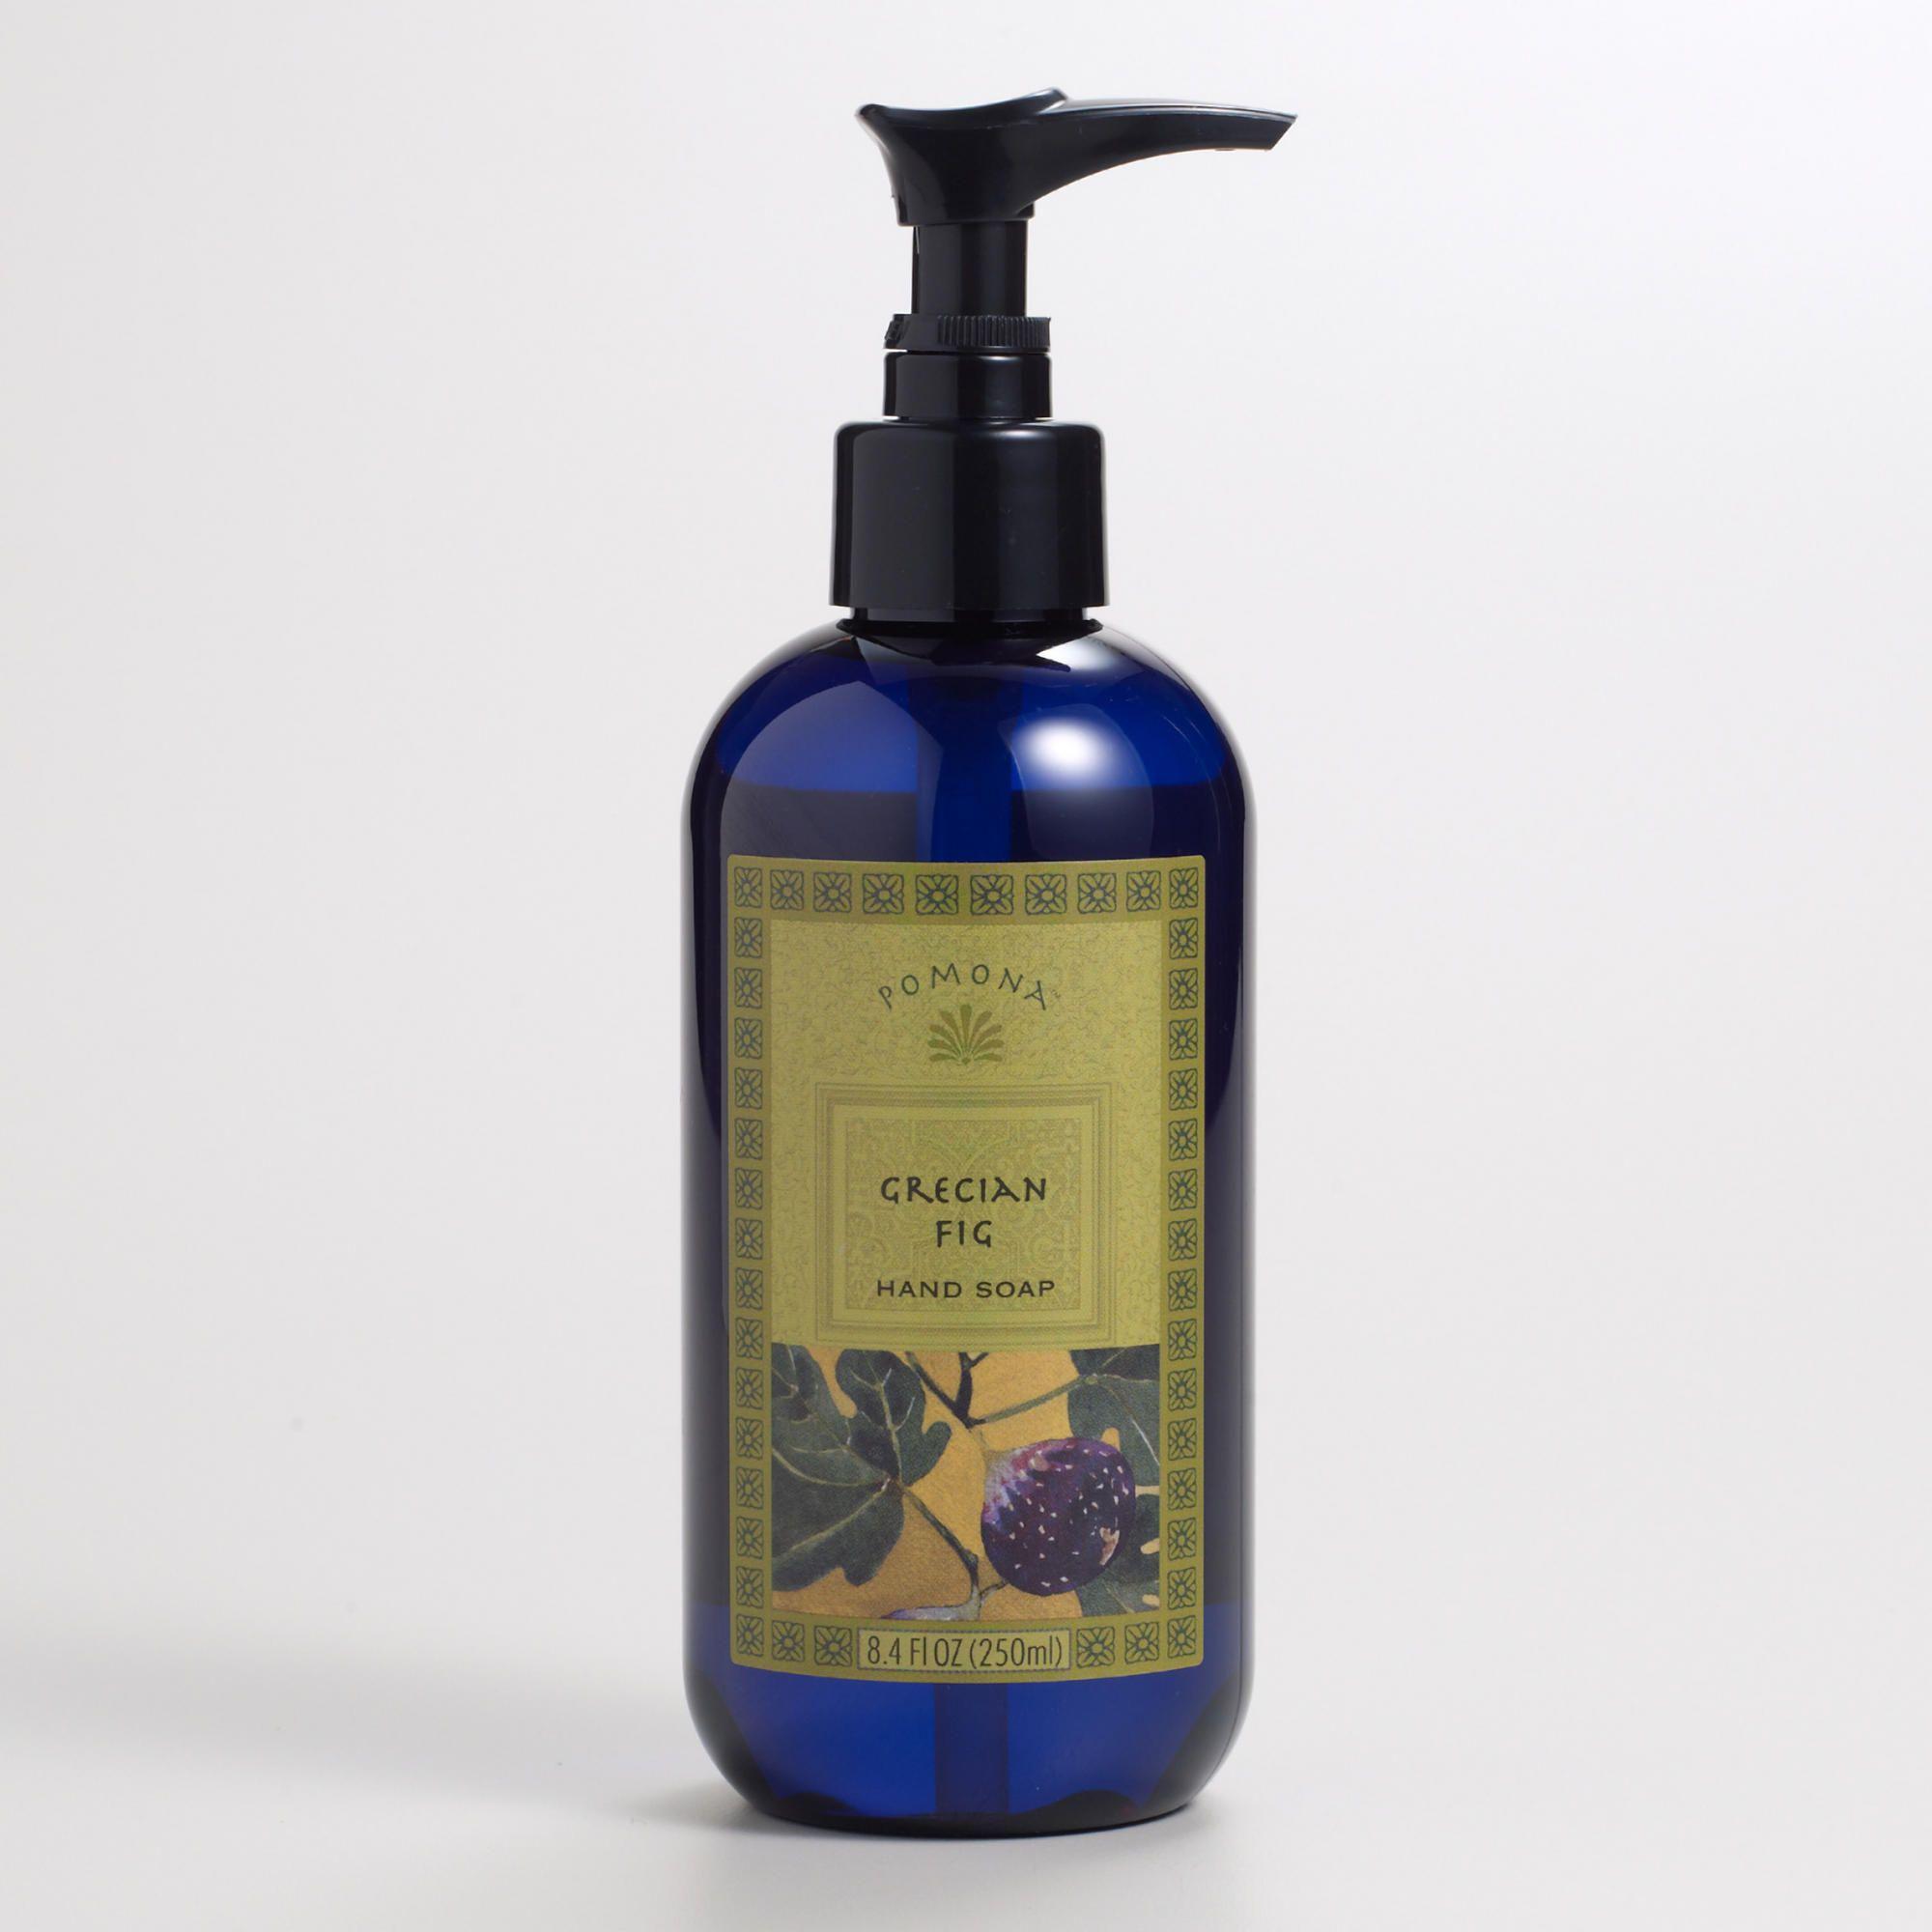 Pomona Grecian Fig Liquid Soap World Market Beauty